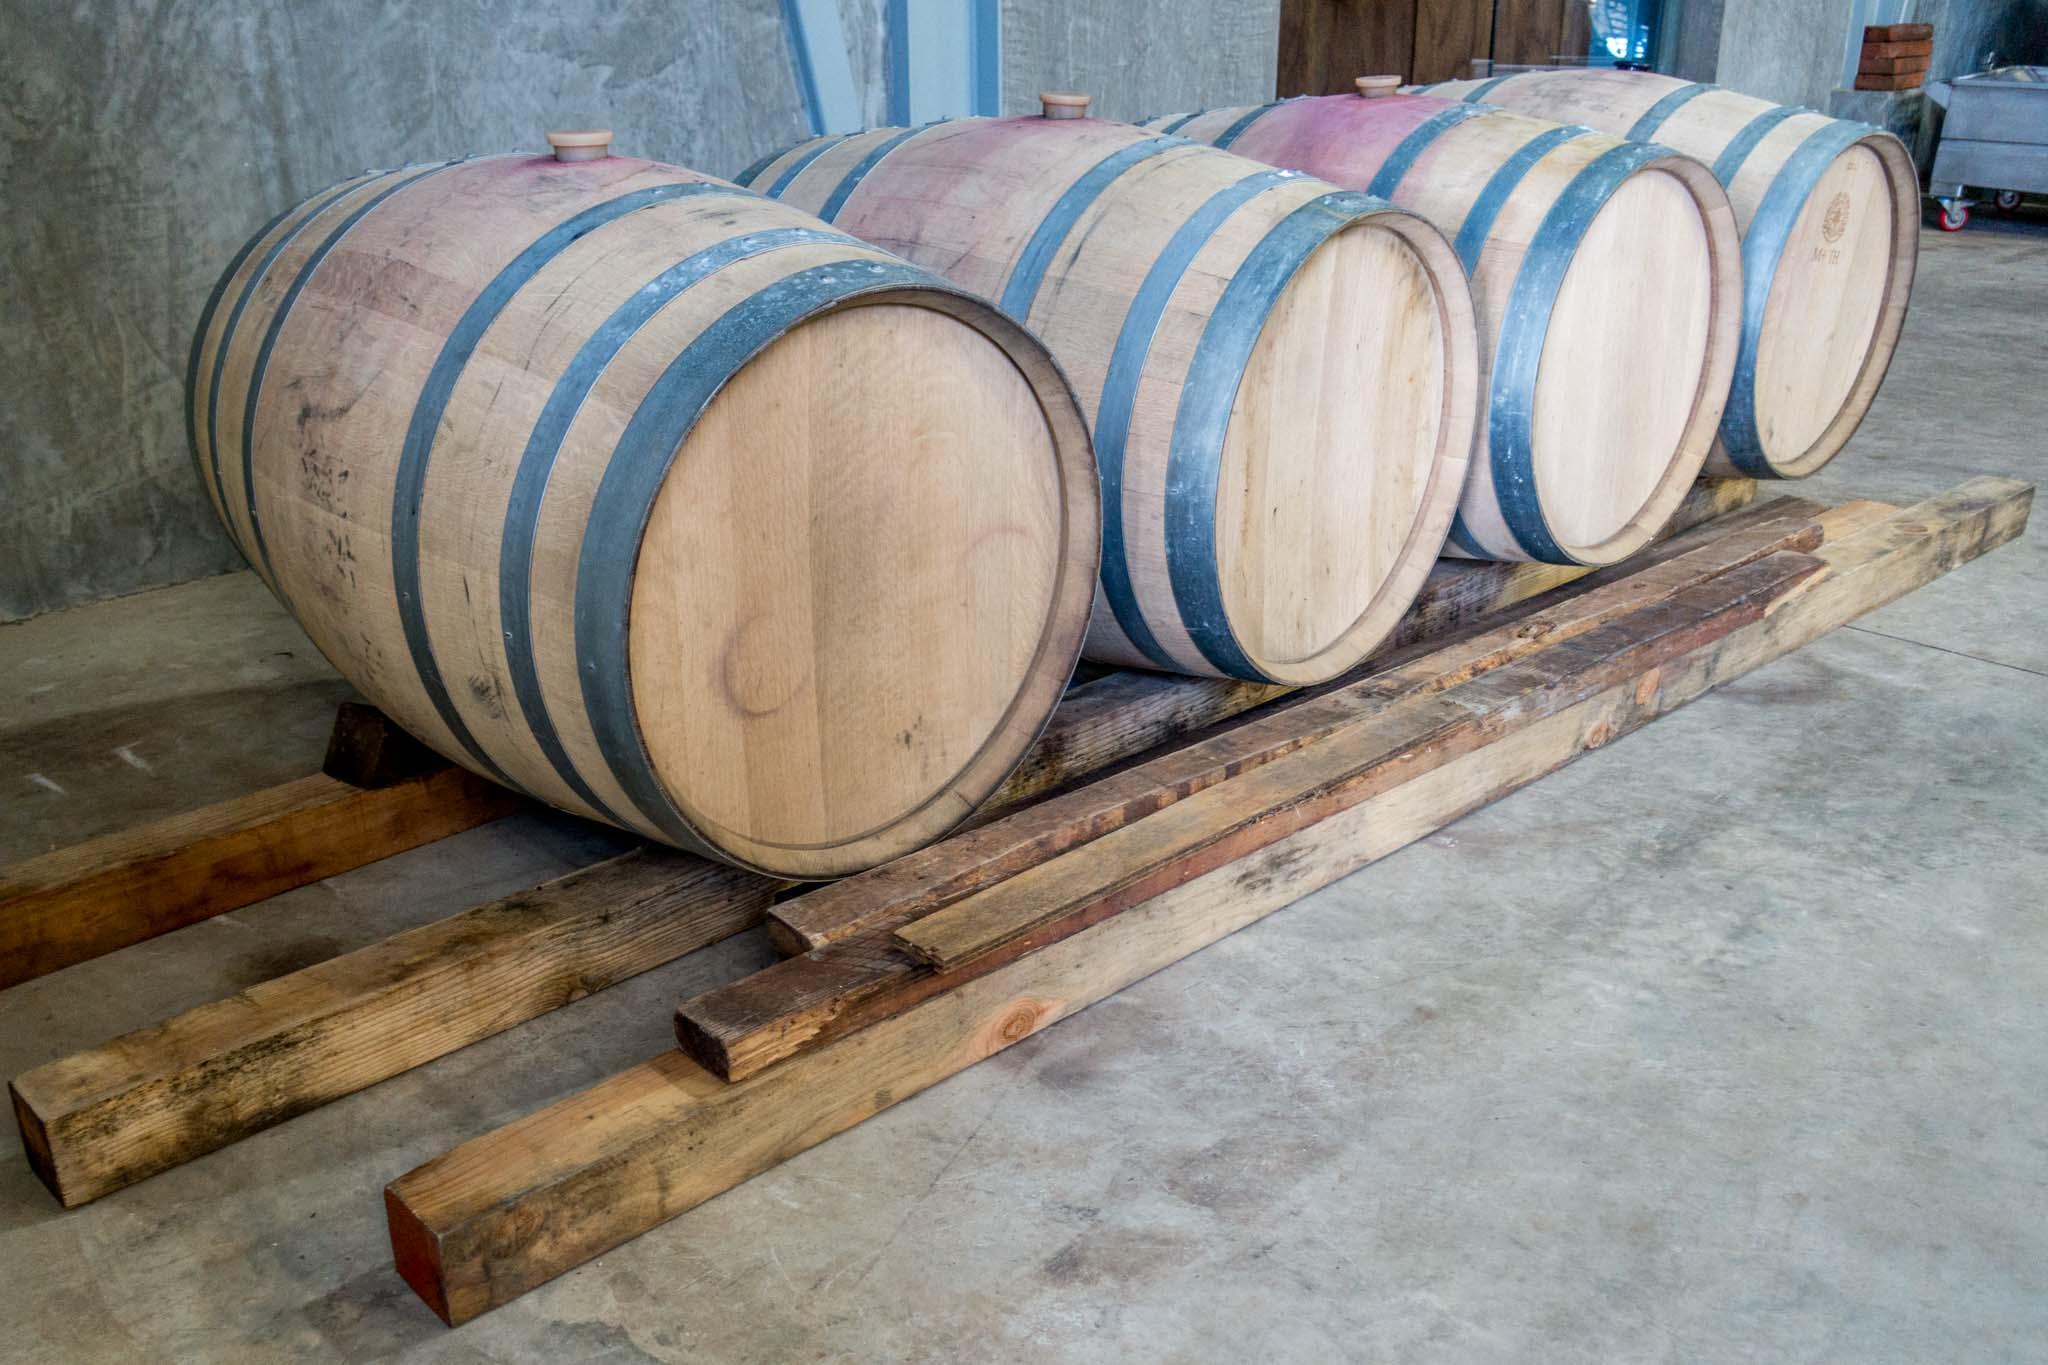 Oak aging barrels at a winery